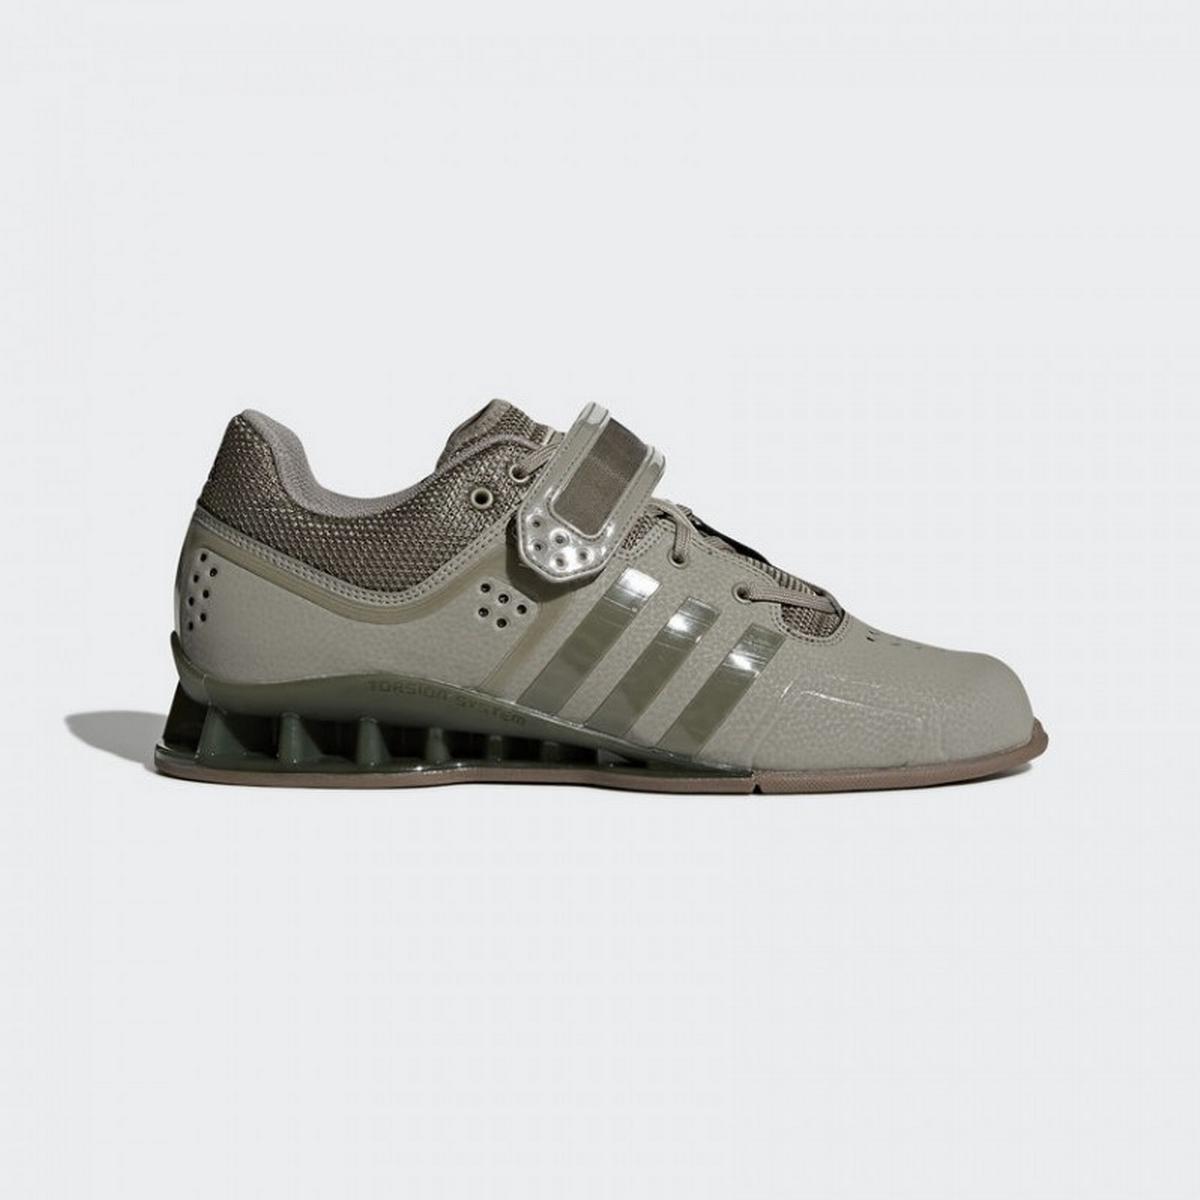 Adidas adipower Skor Jämför priser på PriceRunner